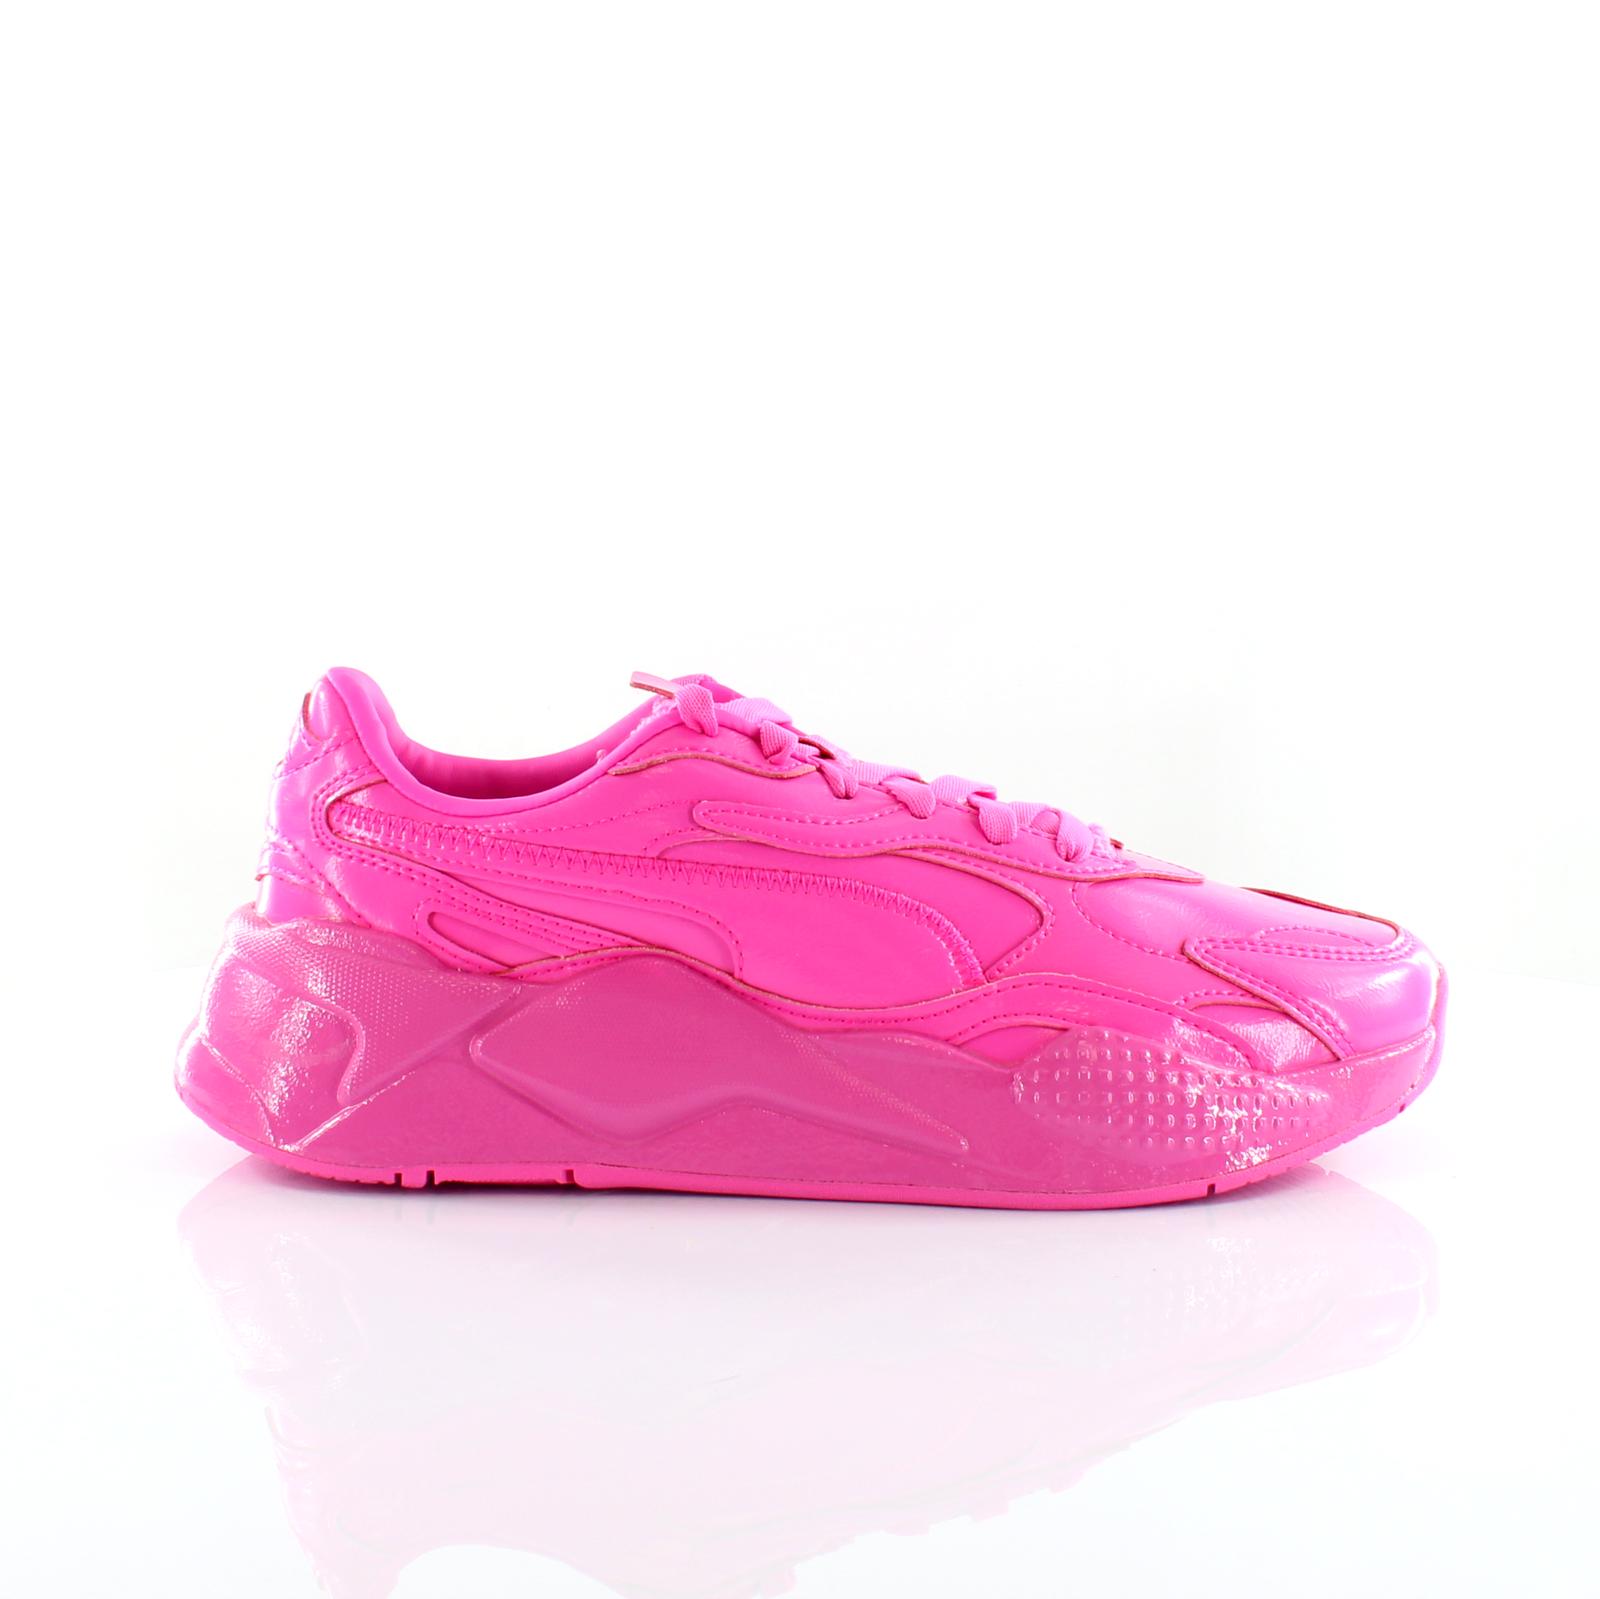 Puma RS-X3 PP rose vernies à lacets Femmes Formateurs 374135 01